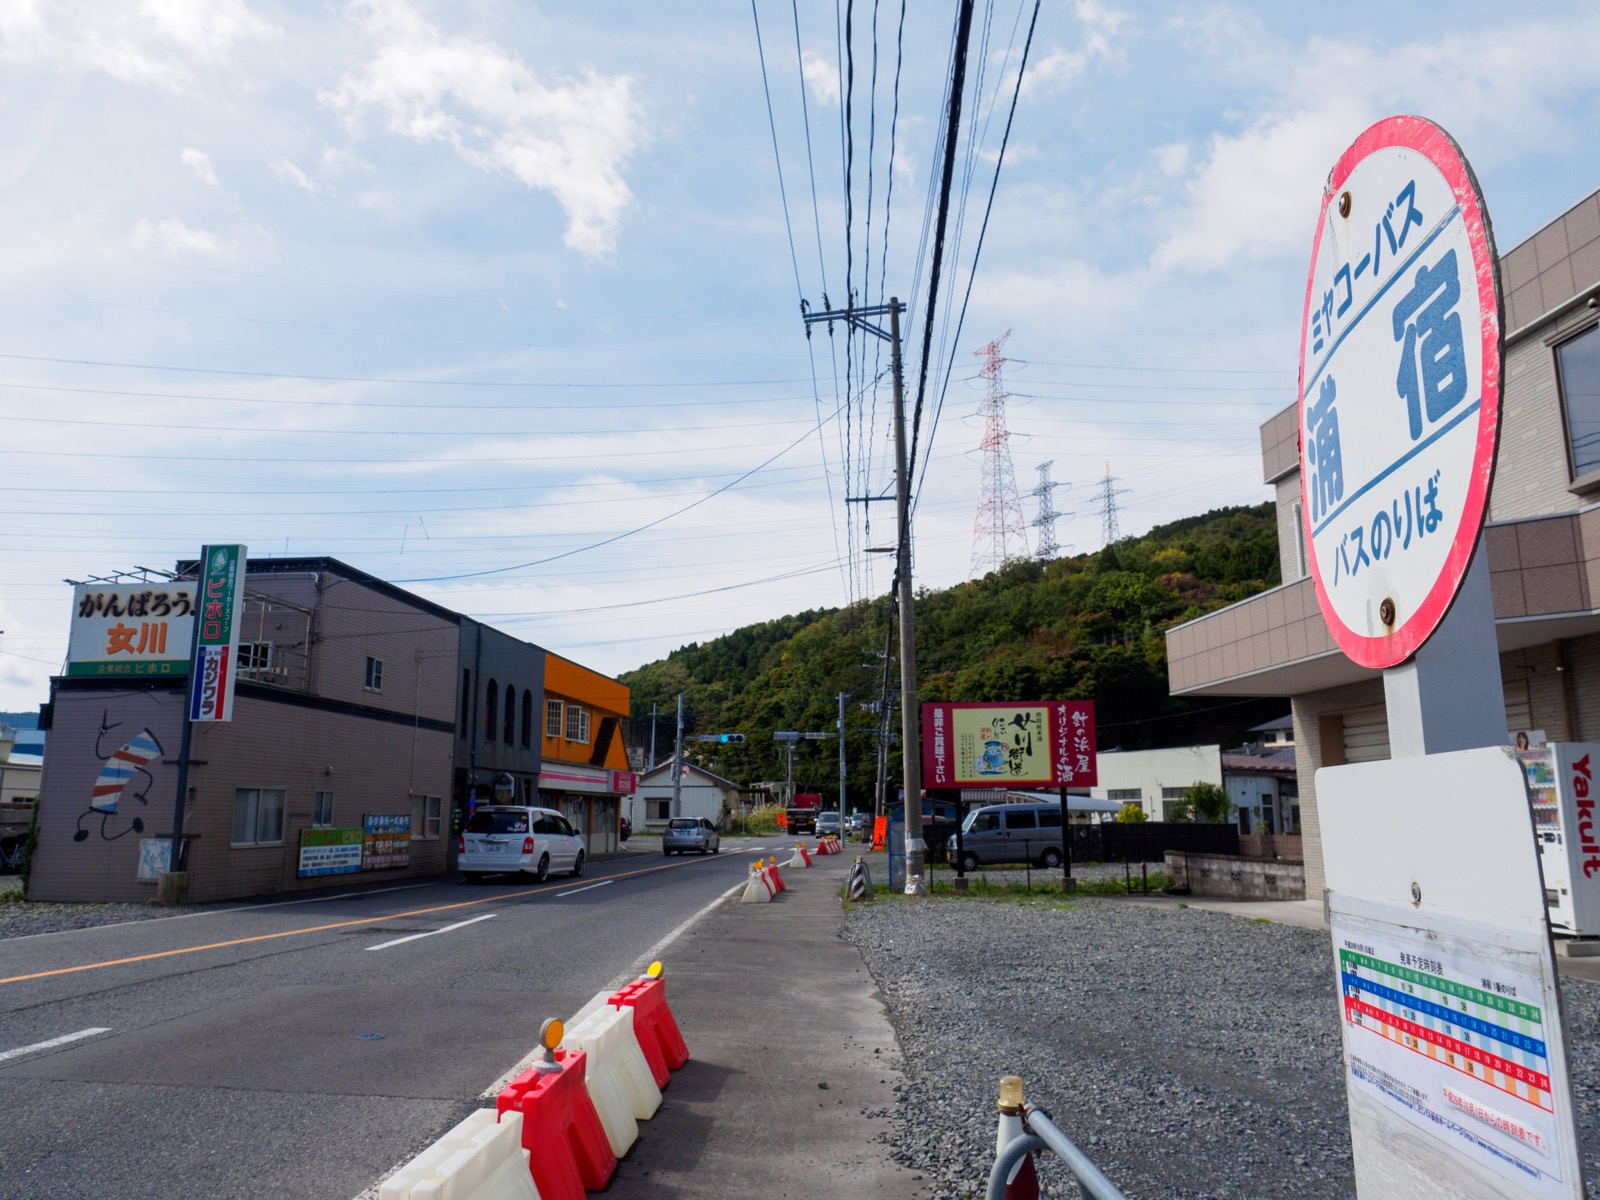 浦宿駅前にある、宮城交通の浦宿停留所